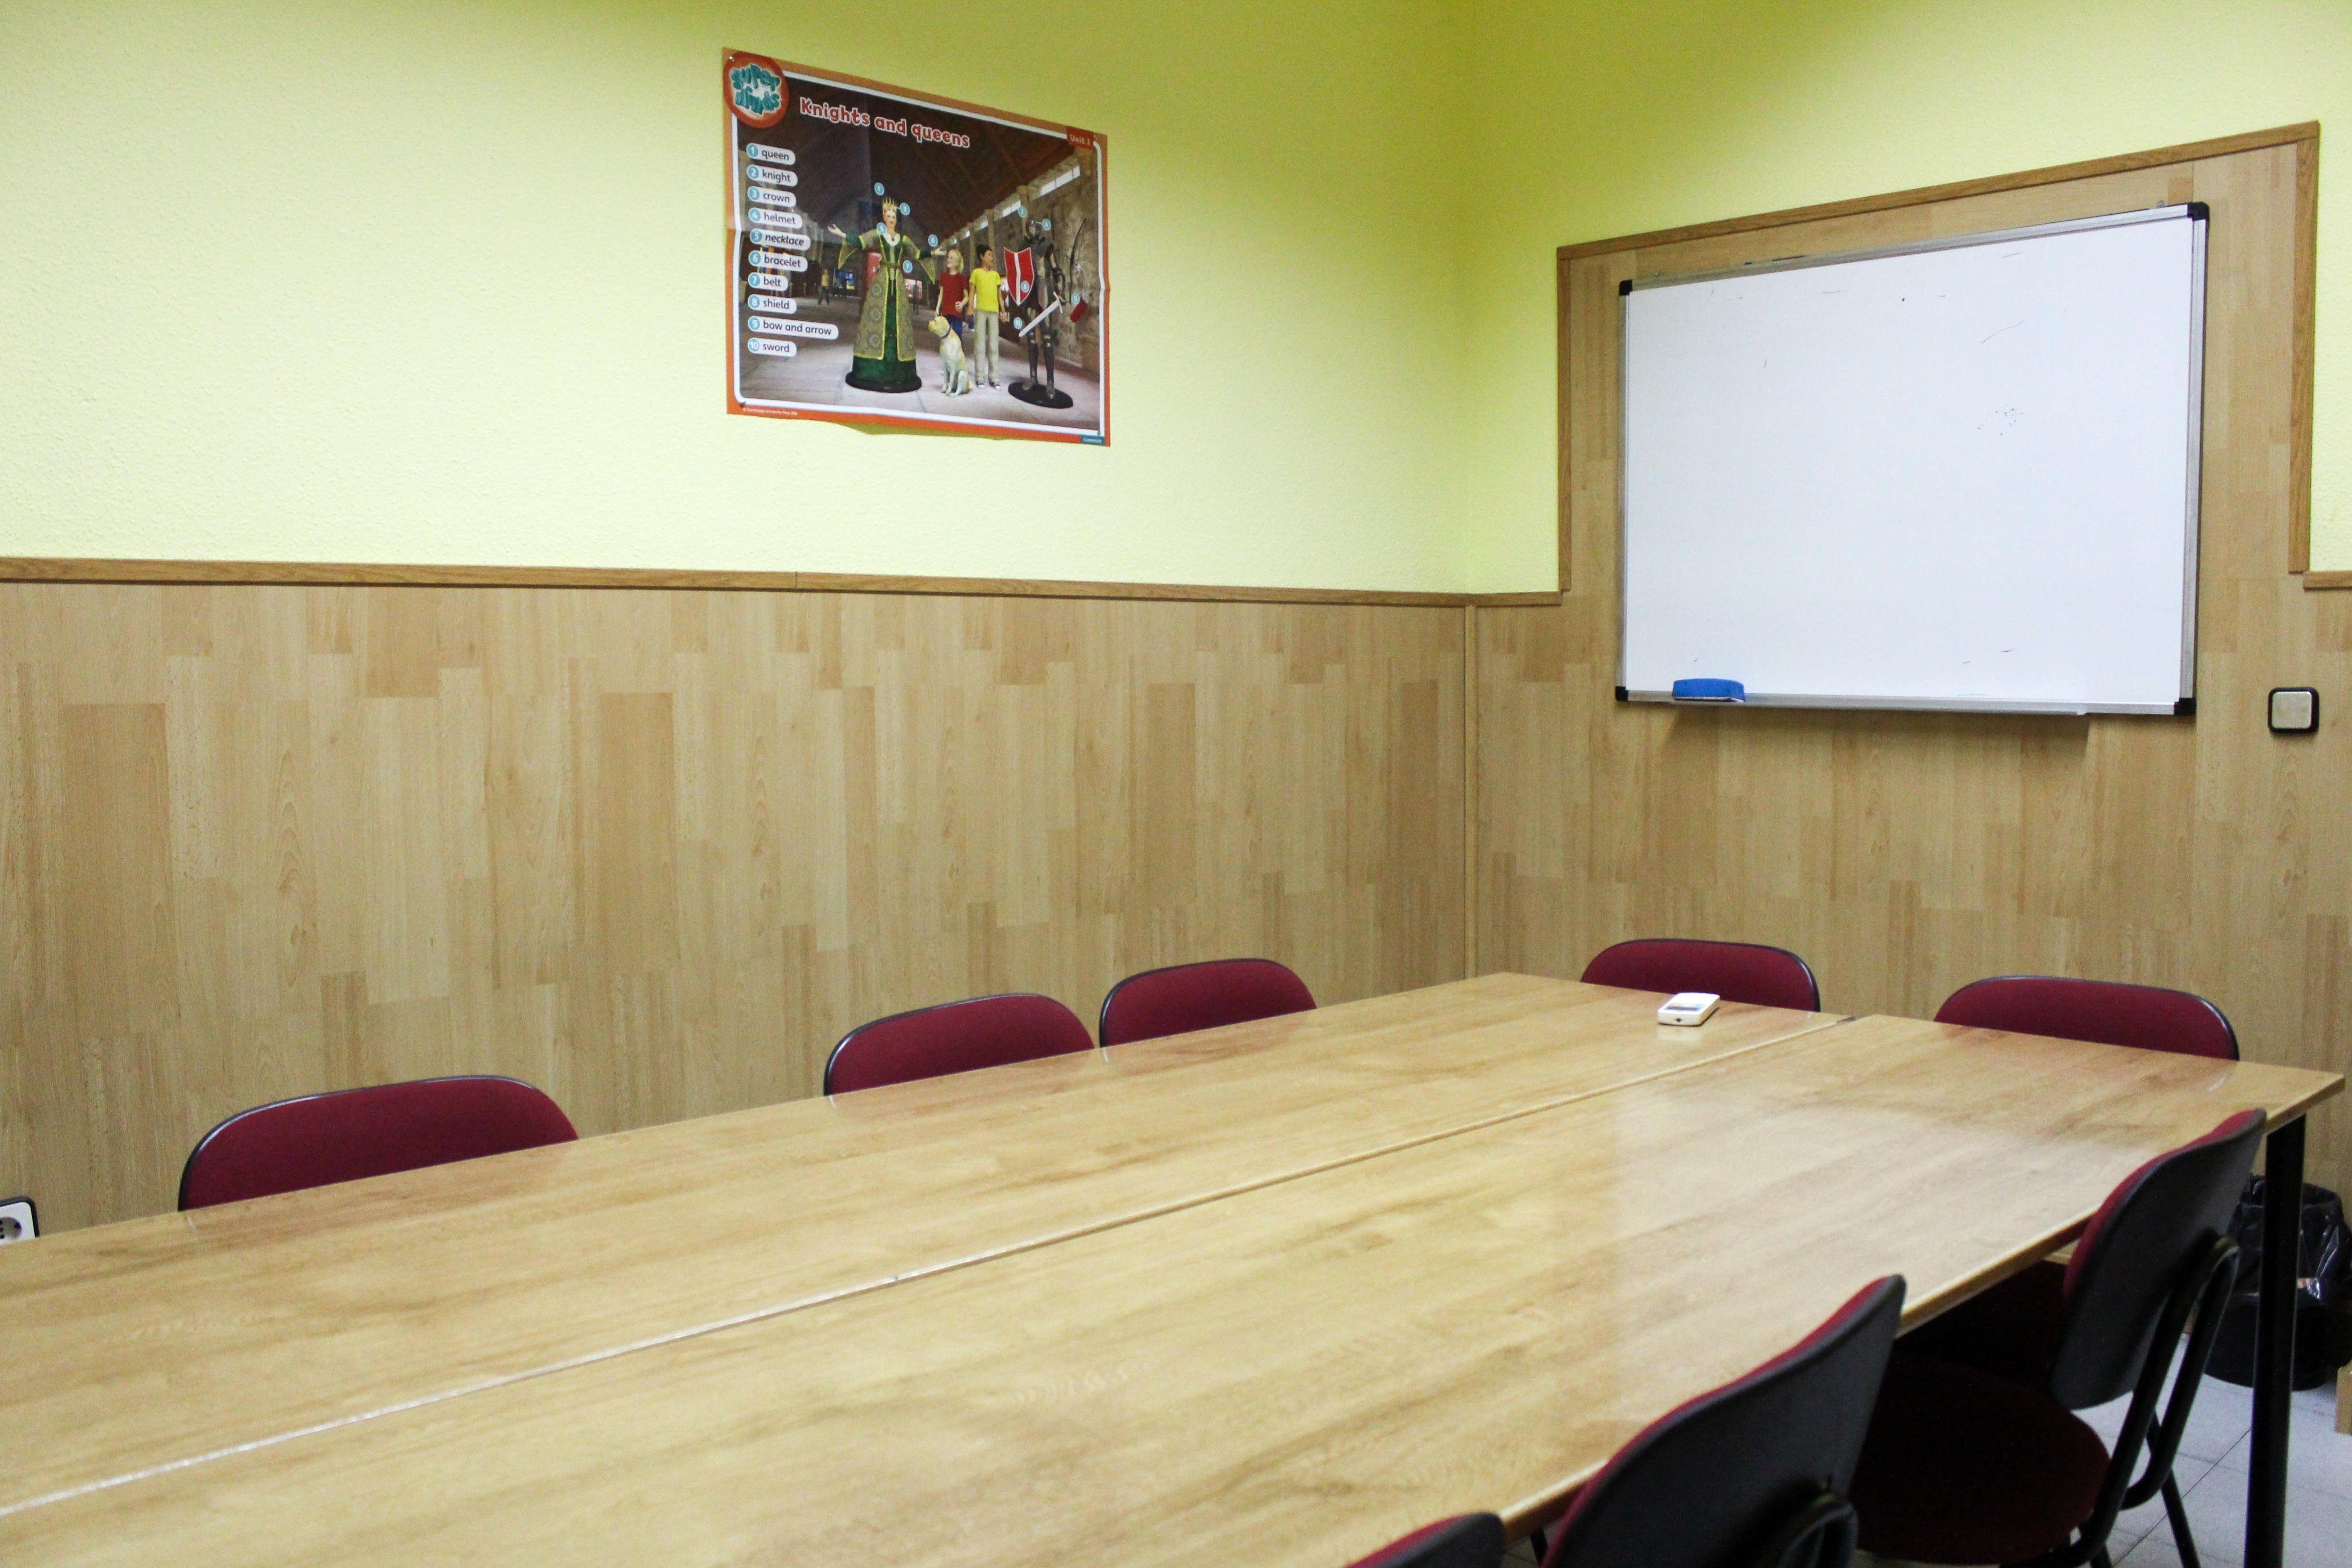 Foto 7 de Academia de inglés y de refuerzo escolar en Madrid en Madrid | Academia CEPA